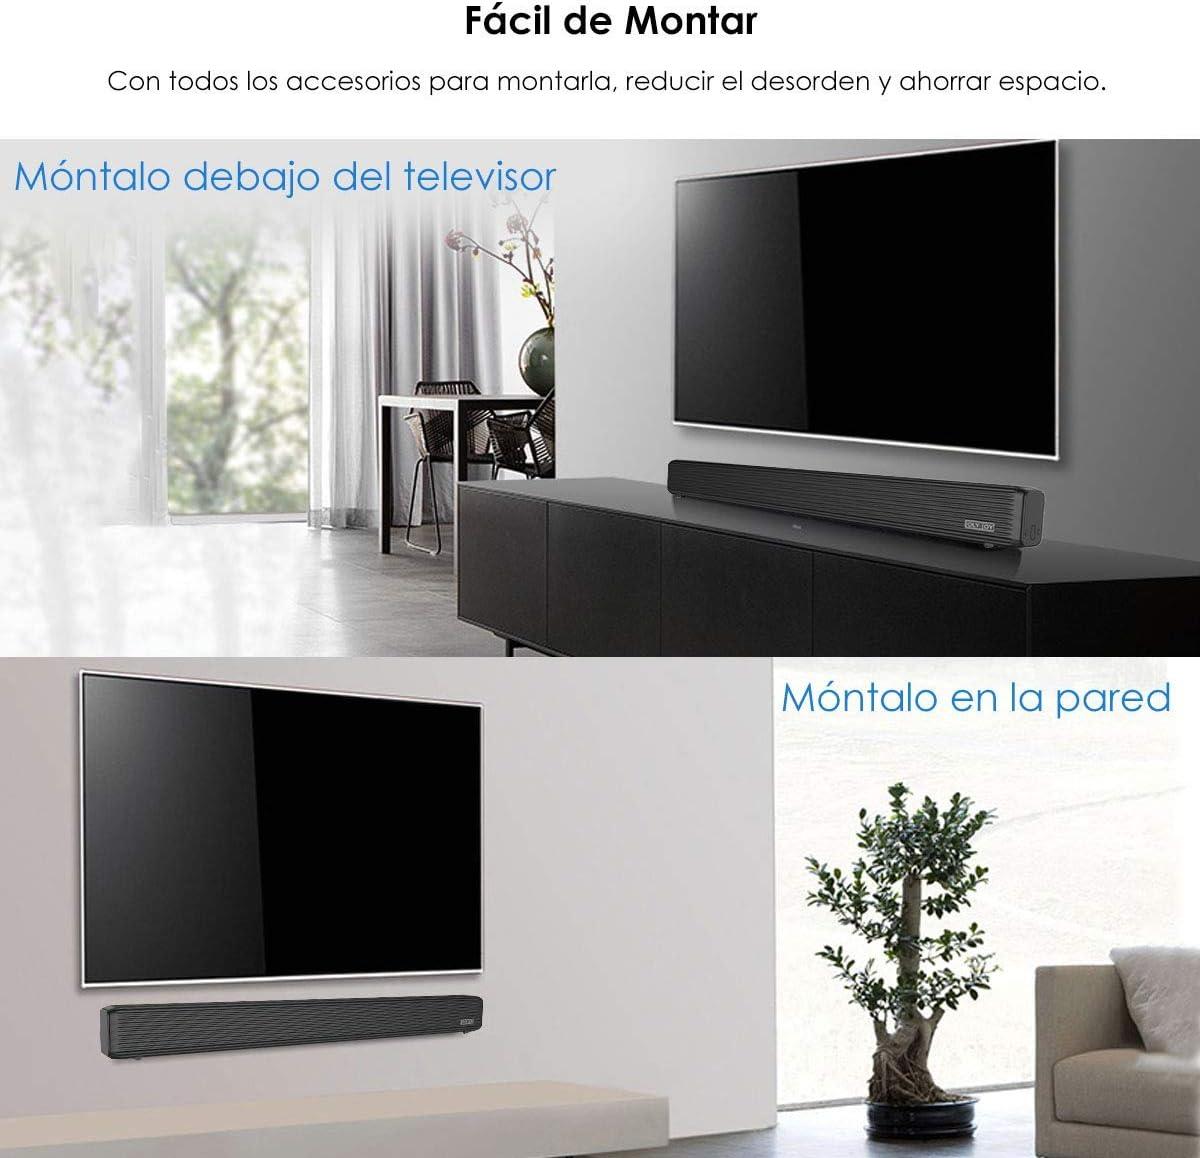 Barra de Sonido, Wellwerks 95W Altavoz de Audio para TV Bluetooth V4.2 [Conexiones Alámbrico/Inalámbrico] Bluetooth Sound-Bar Subwoofer para TV/Computer/Video/Music,etc. (95W): Amazon.es: Electrónica